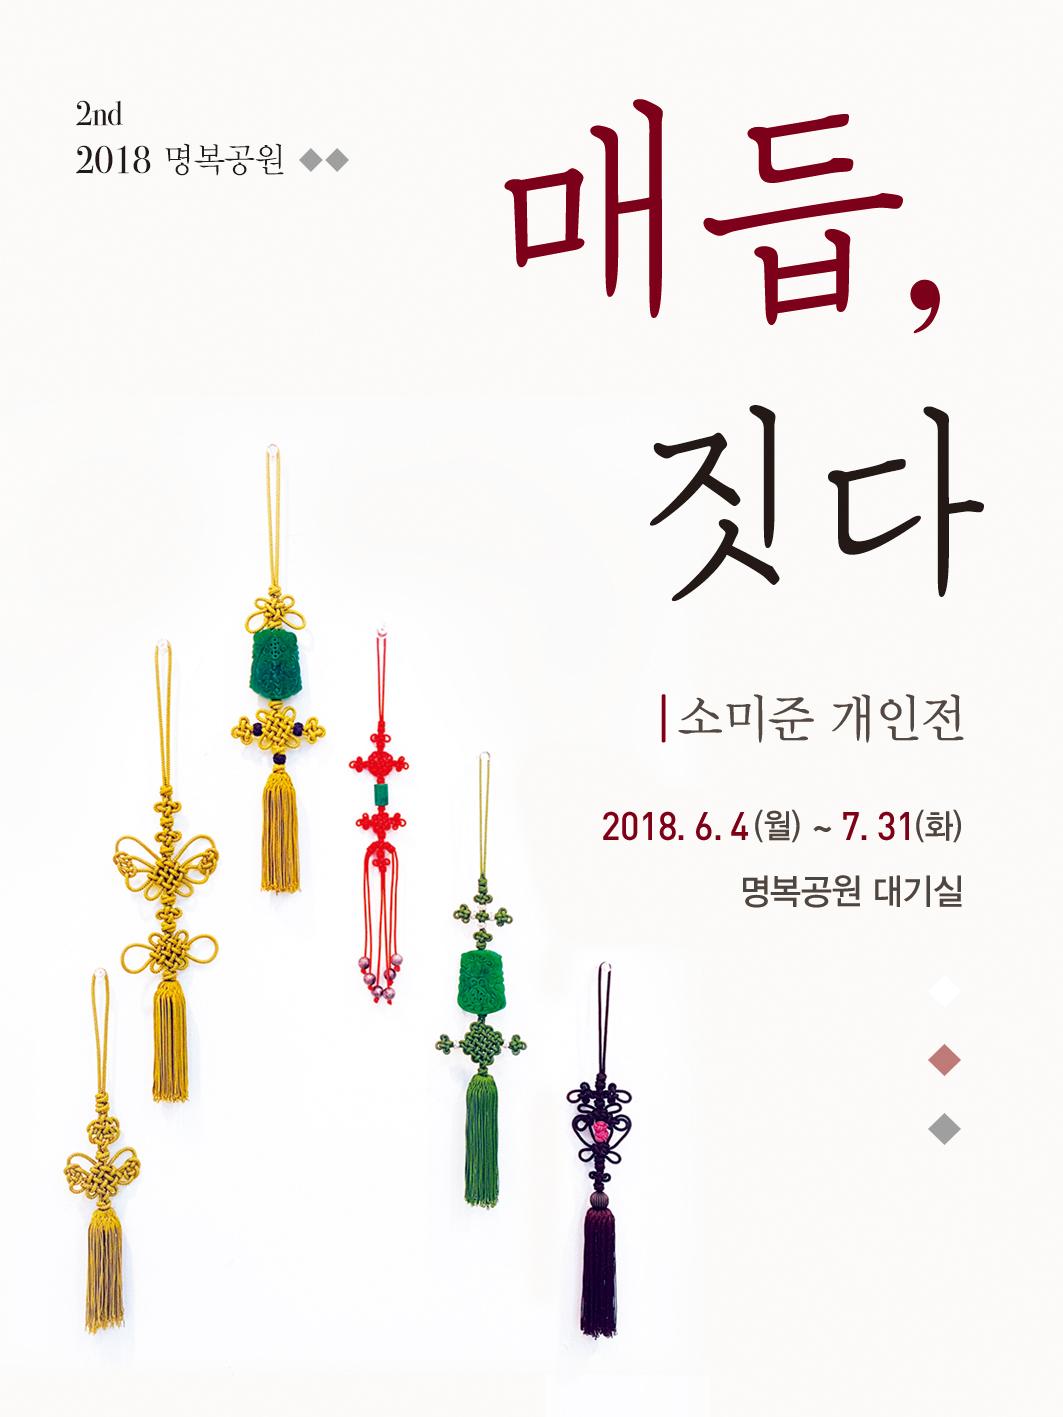 2018년 제2회 명복공원 치유전시회 개최